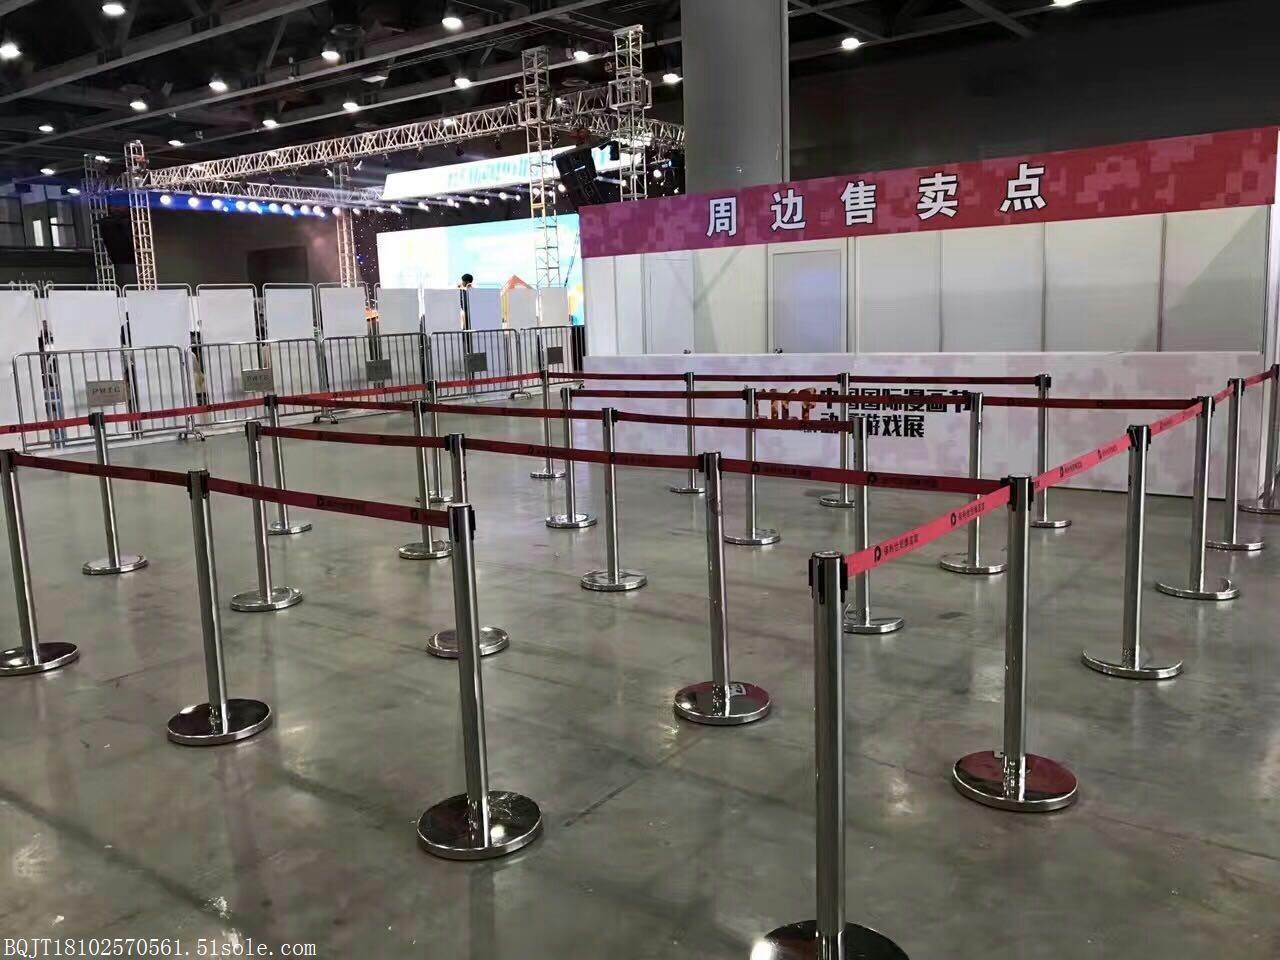 广州铁马出租|水马出租|防暴栏出租|隔离带出租|A板出租